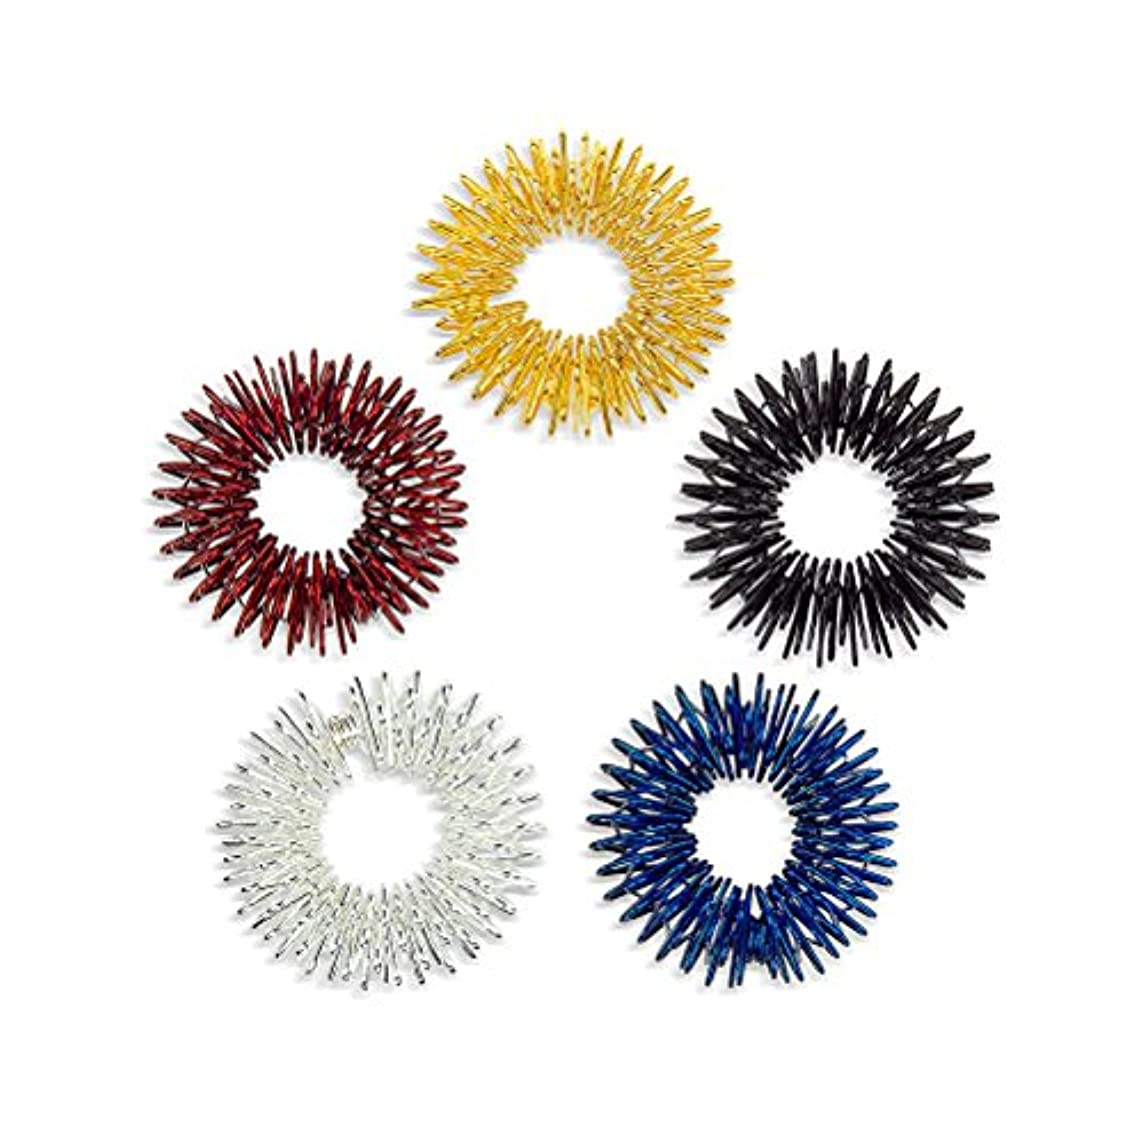 個人的な色合いタイトHealifty 10pcs指圧マッサージリング子供のための指の循環リング十代の若者たち大人(金/銀/黒/青/赤)